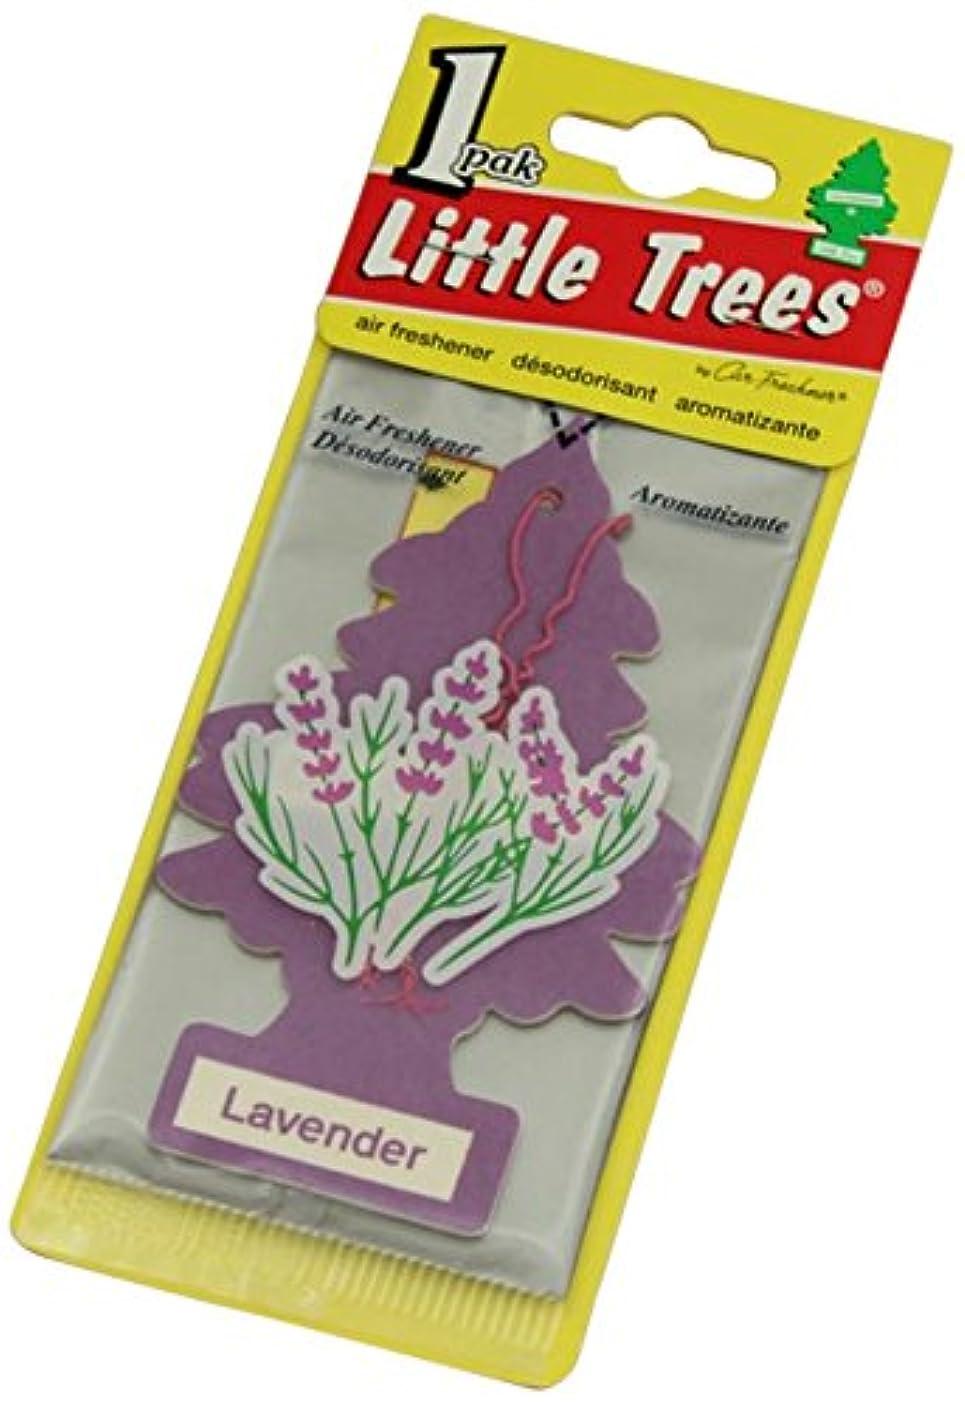 レオナルドダ潜む皮肉なLittle Trees 吊下げタイプ エアーフレッシュナー ラベンダー 4枚セット(4P)